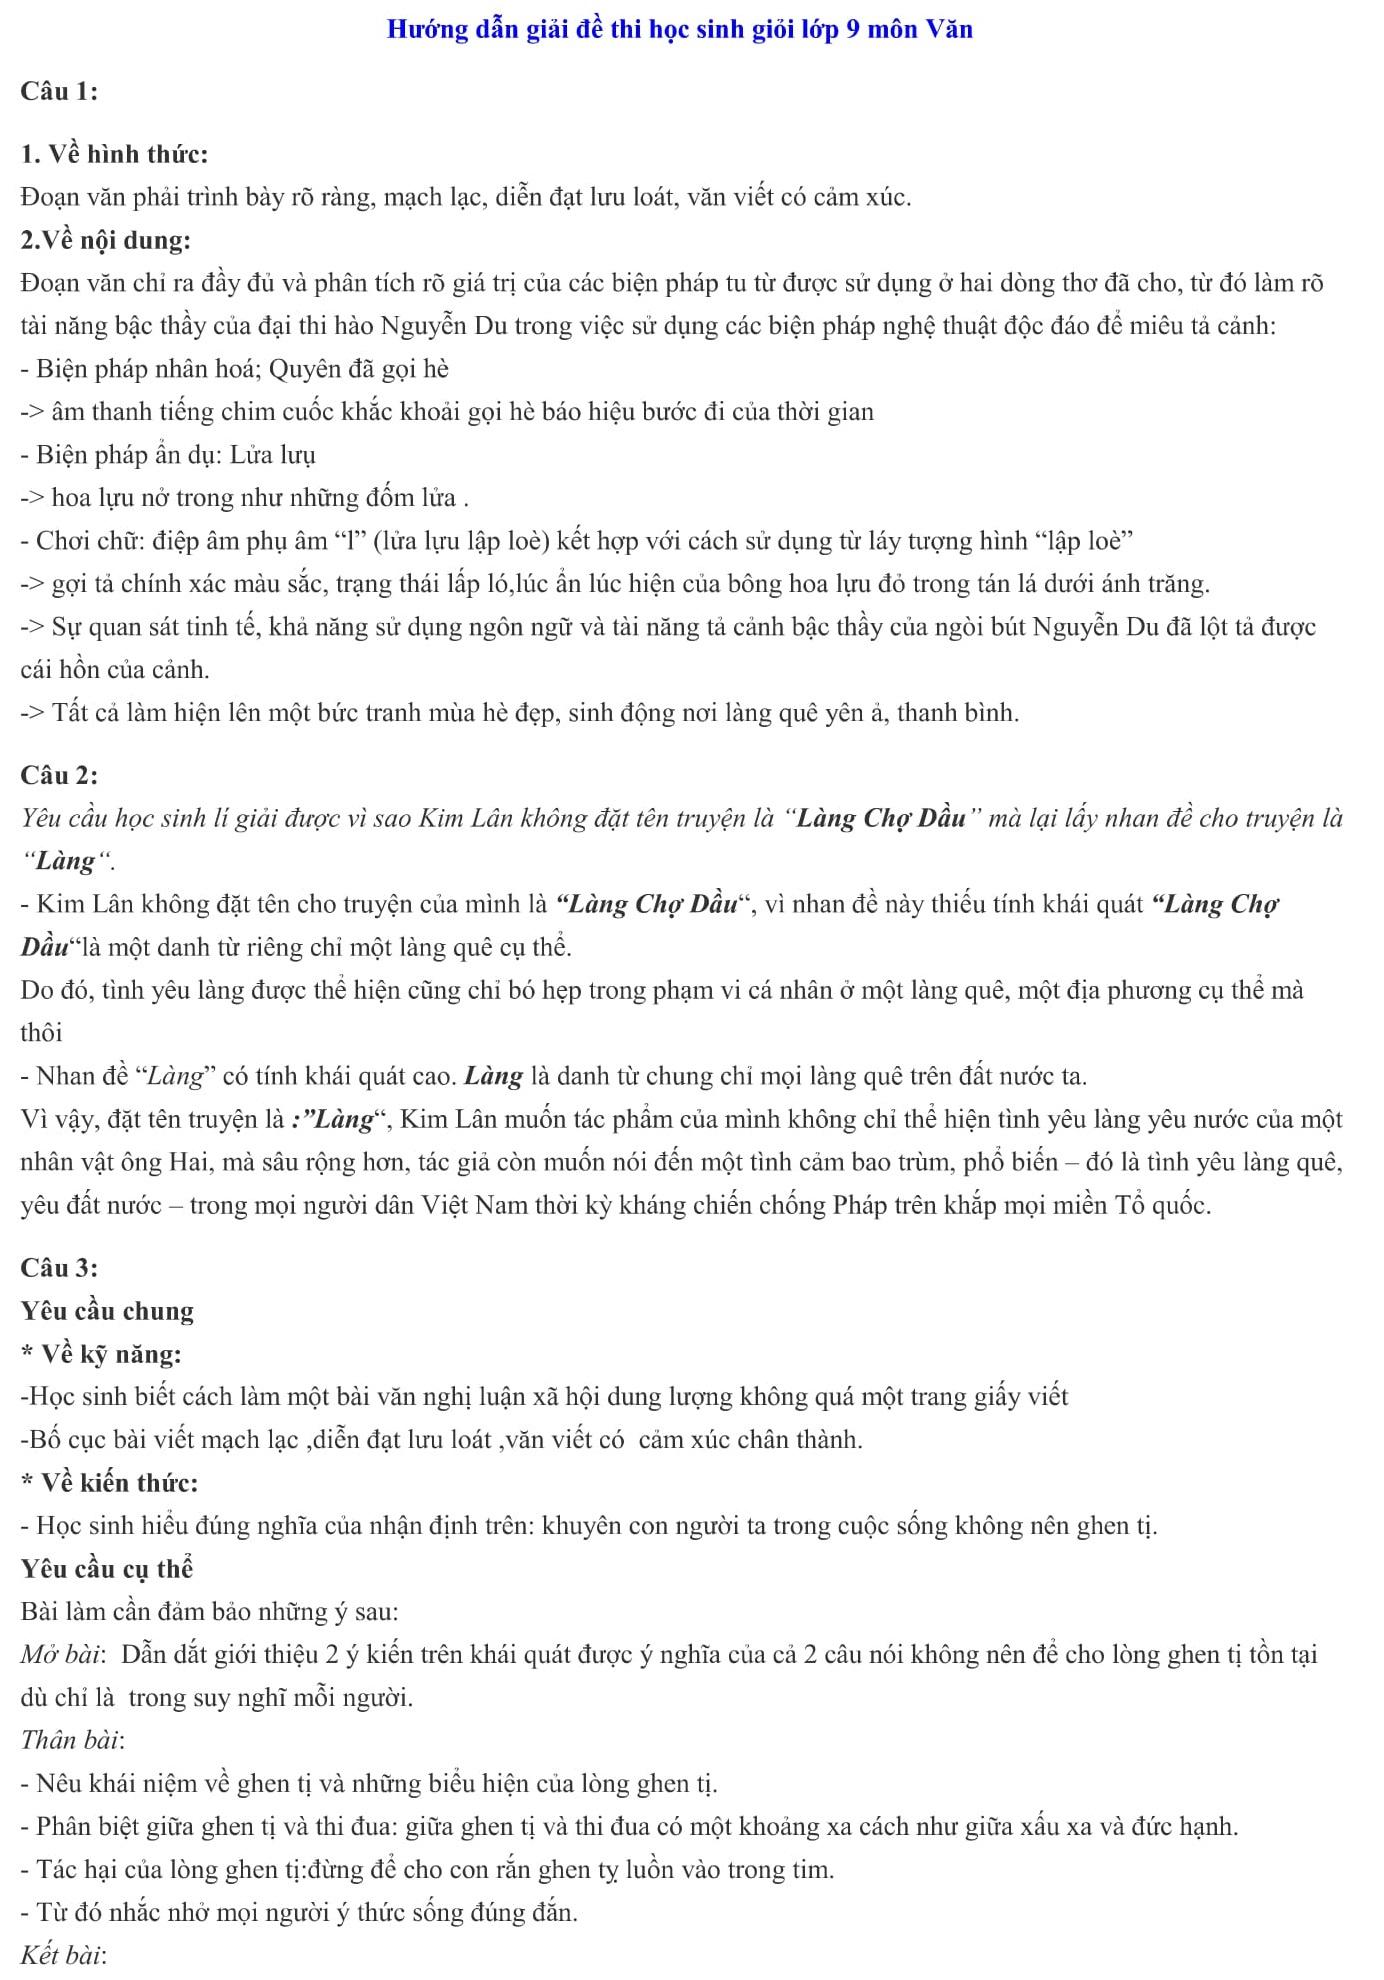 Đáp án và đề thi HSG Ngữ Văn 9 phòng GD&ĐT Thạch Thành 2013-2014